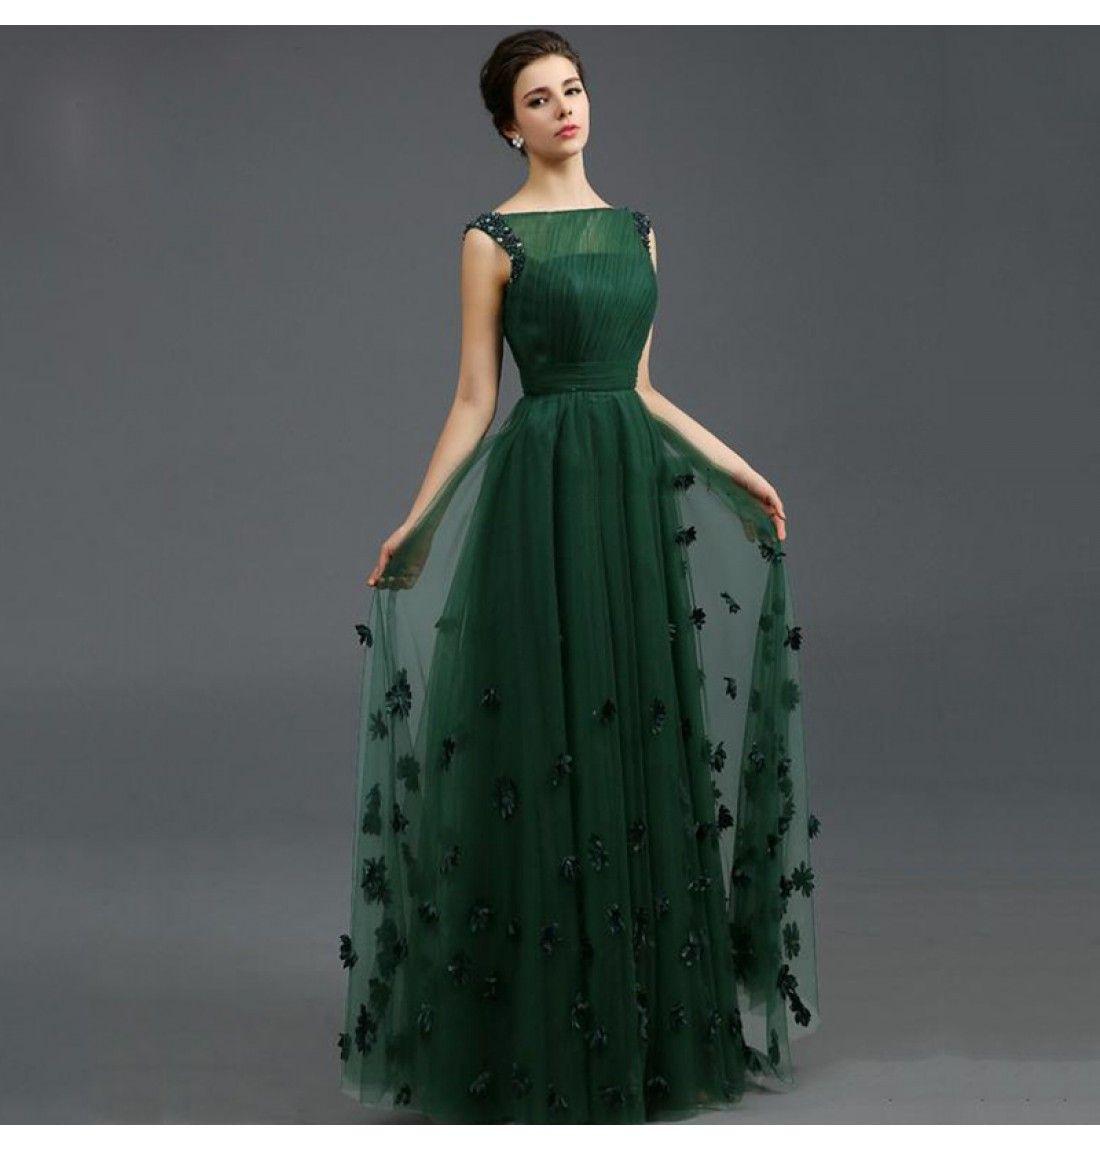 Spektakulär Grünes Kleid A Linie Spezialgebiet15 Cool Grünes Kleid A Linie Ärmel